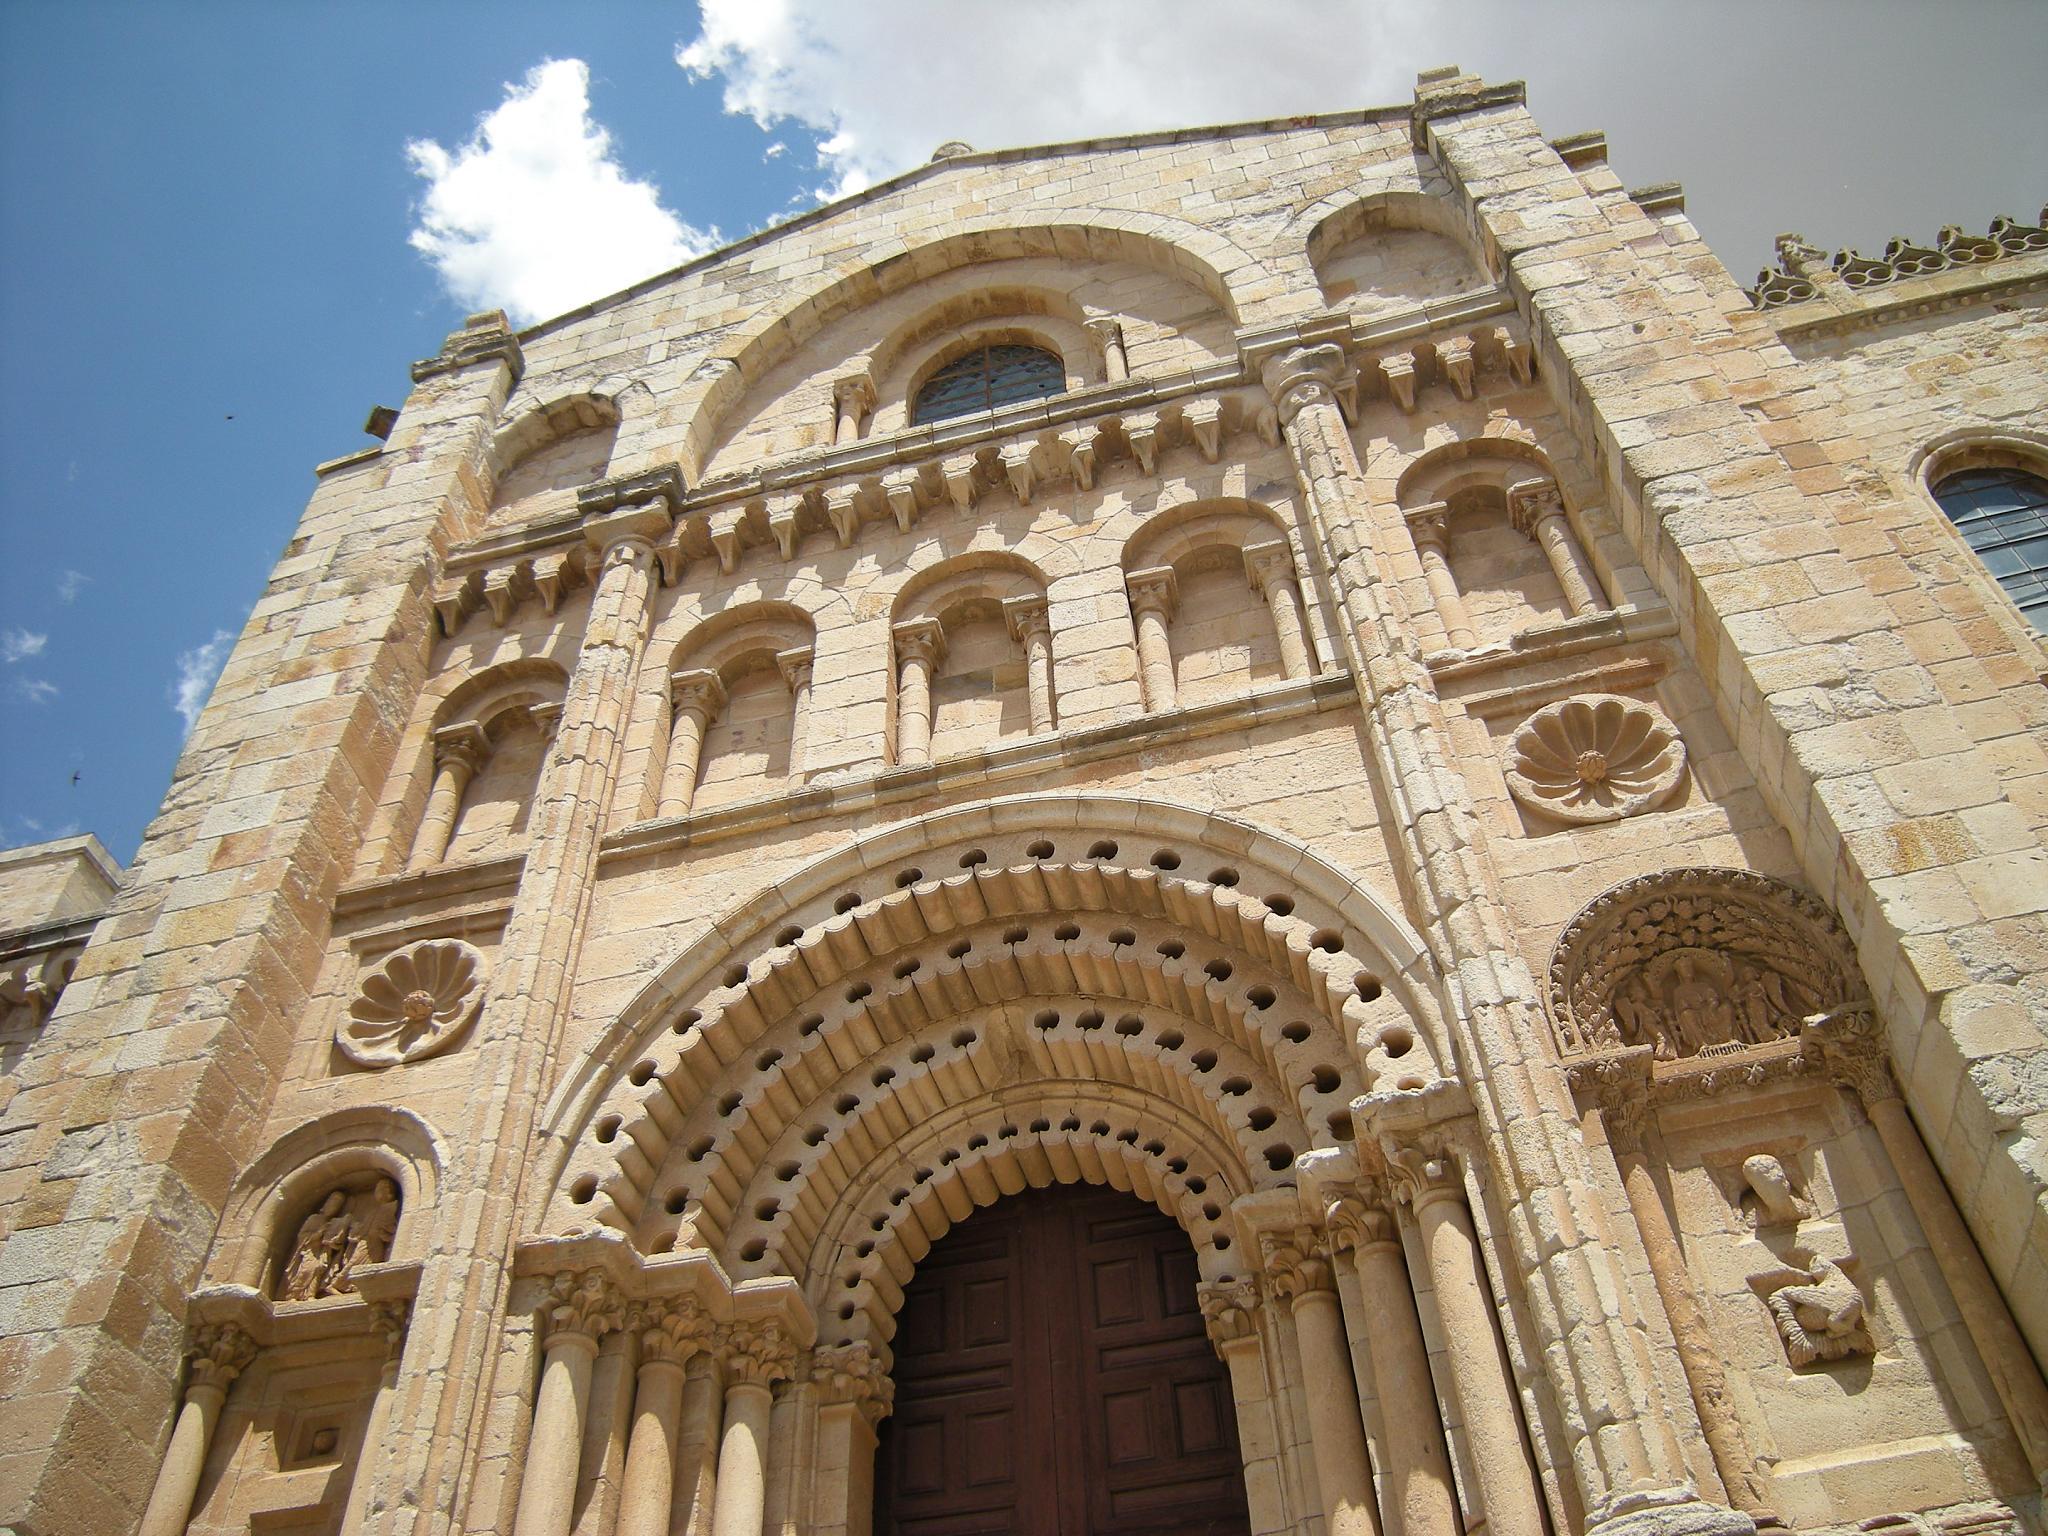 Recursos rebeca diciembre 2013 for Catedral de zamora interior